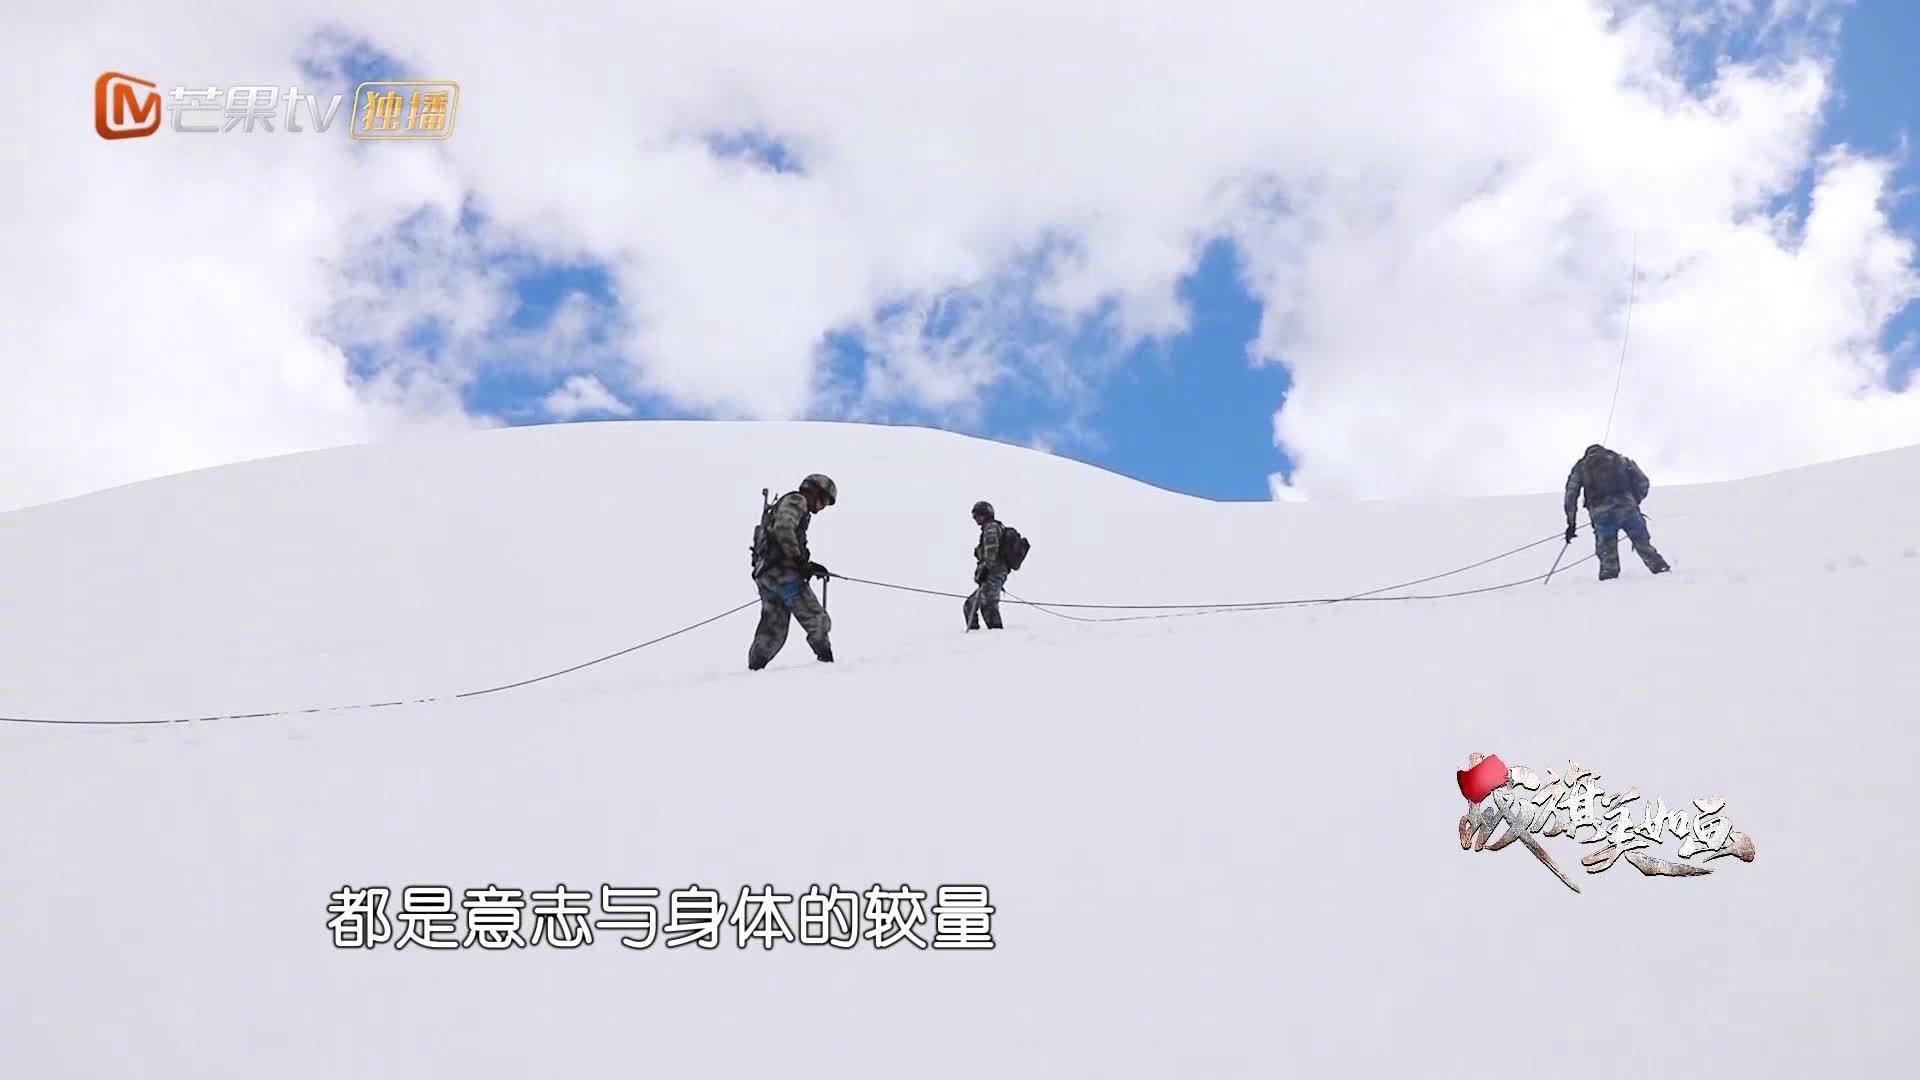 白云山团开展跨昼夜实战演练,实拍高原战士攀海拔5500米冰川